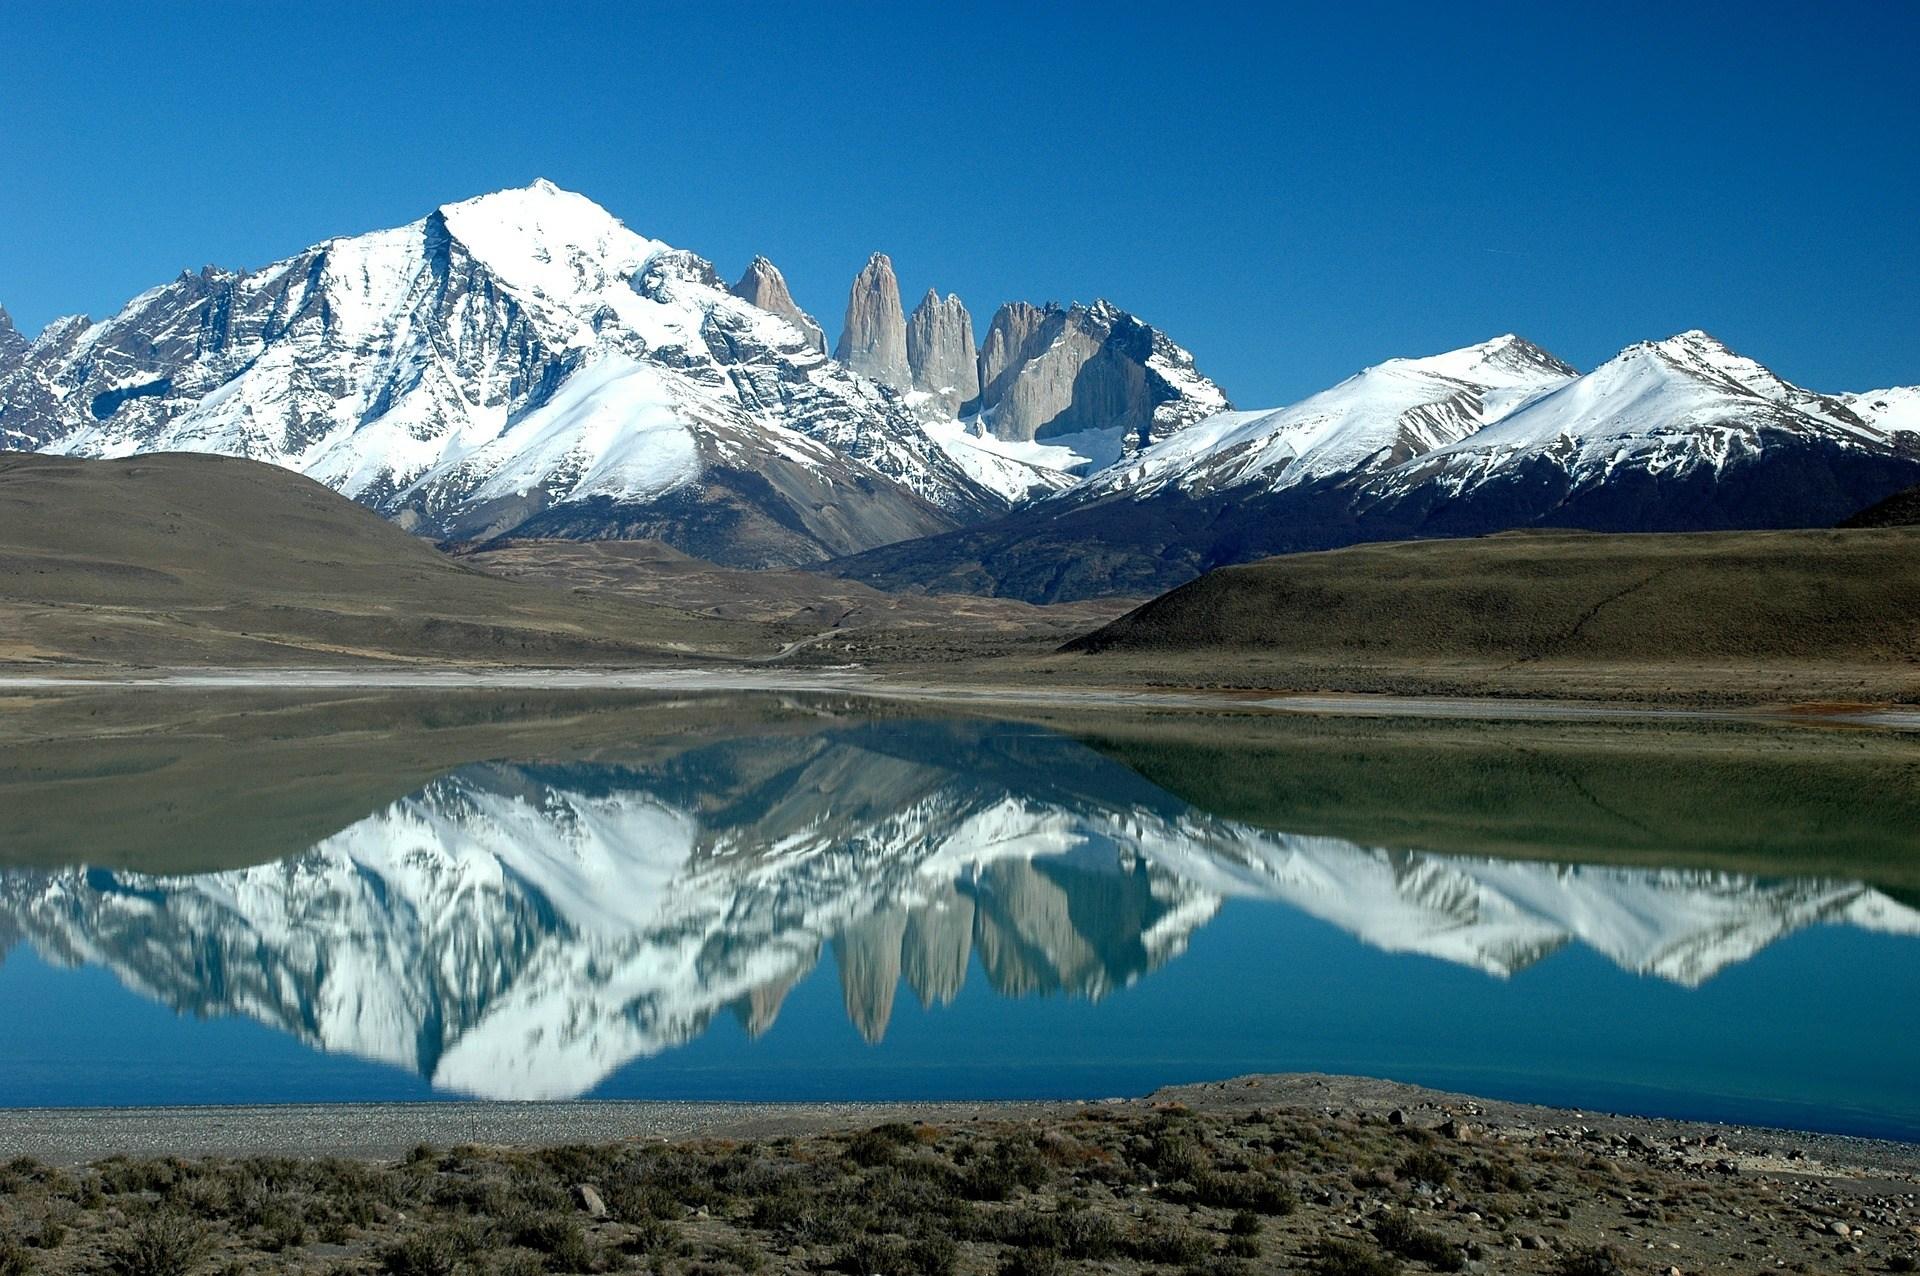 conseils vestimentaires pour voyager en Patagonie